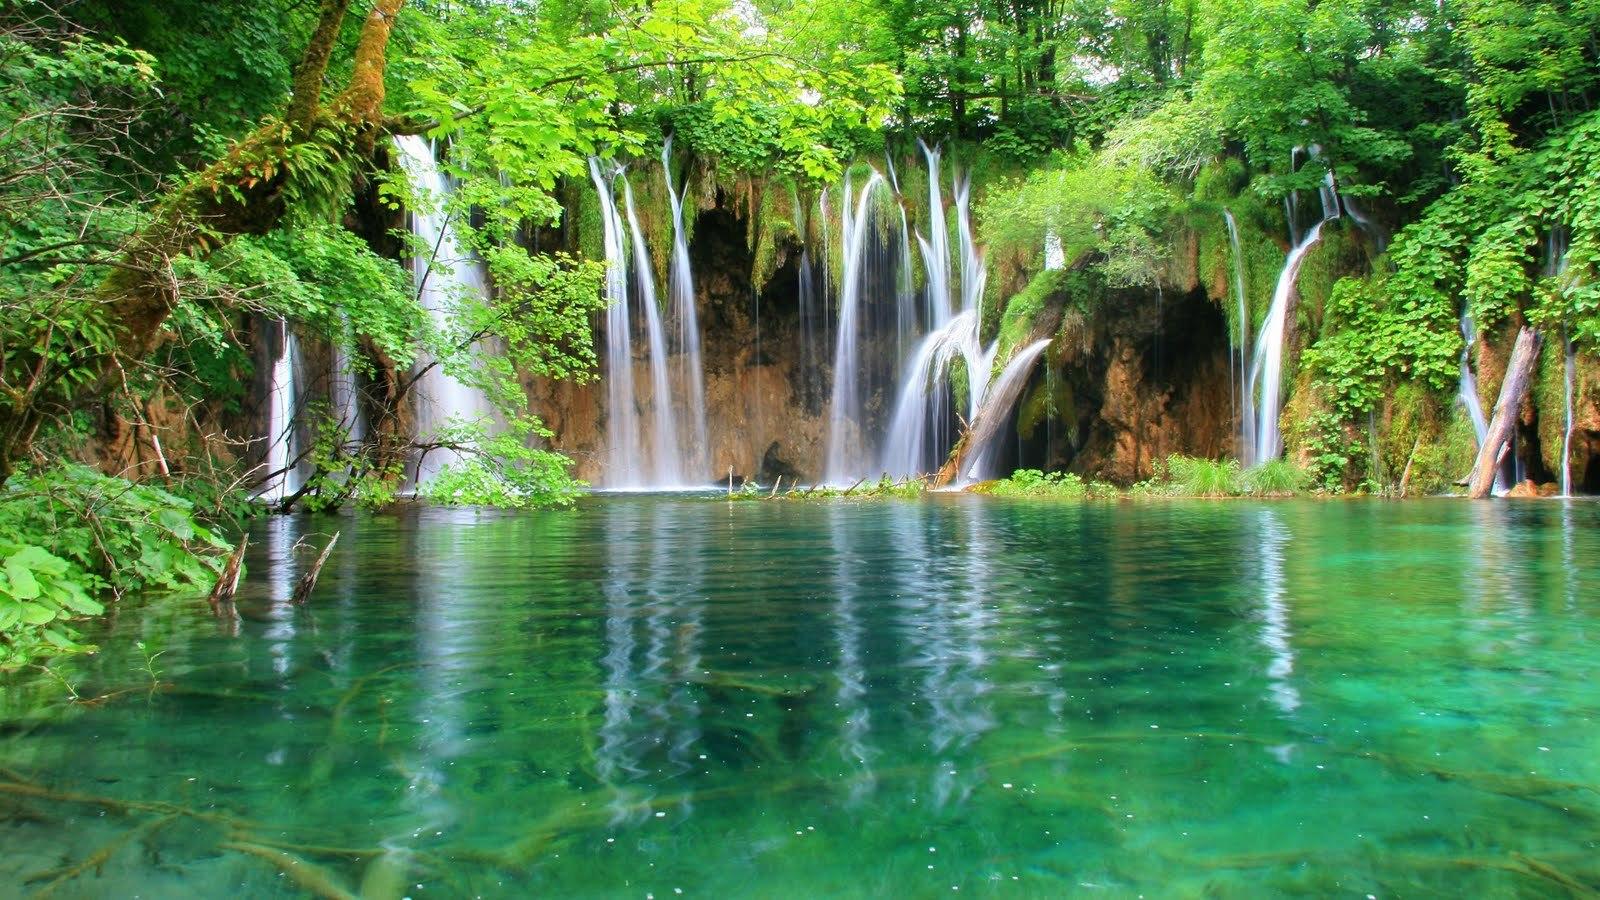 Tipos De Paisajes Naturales - Imagenes-de-paisajes